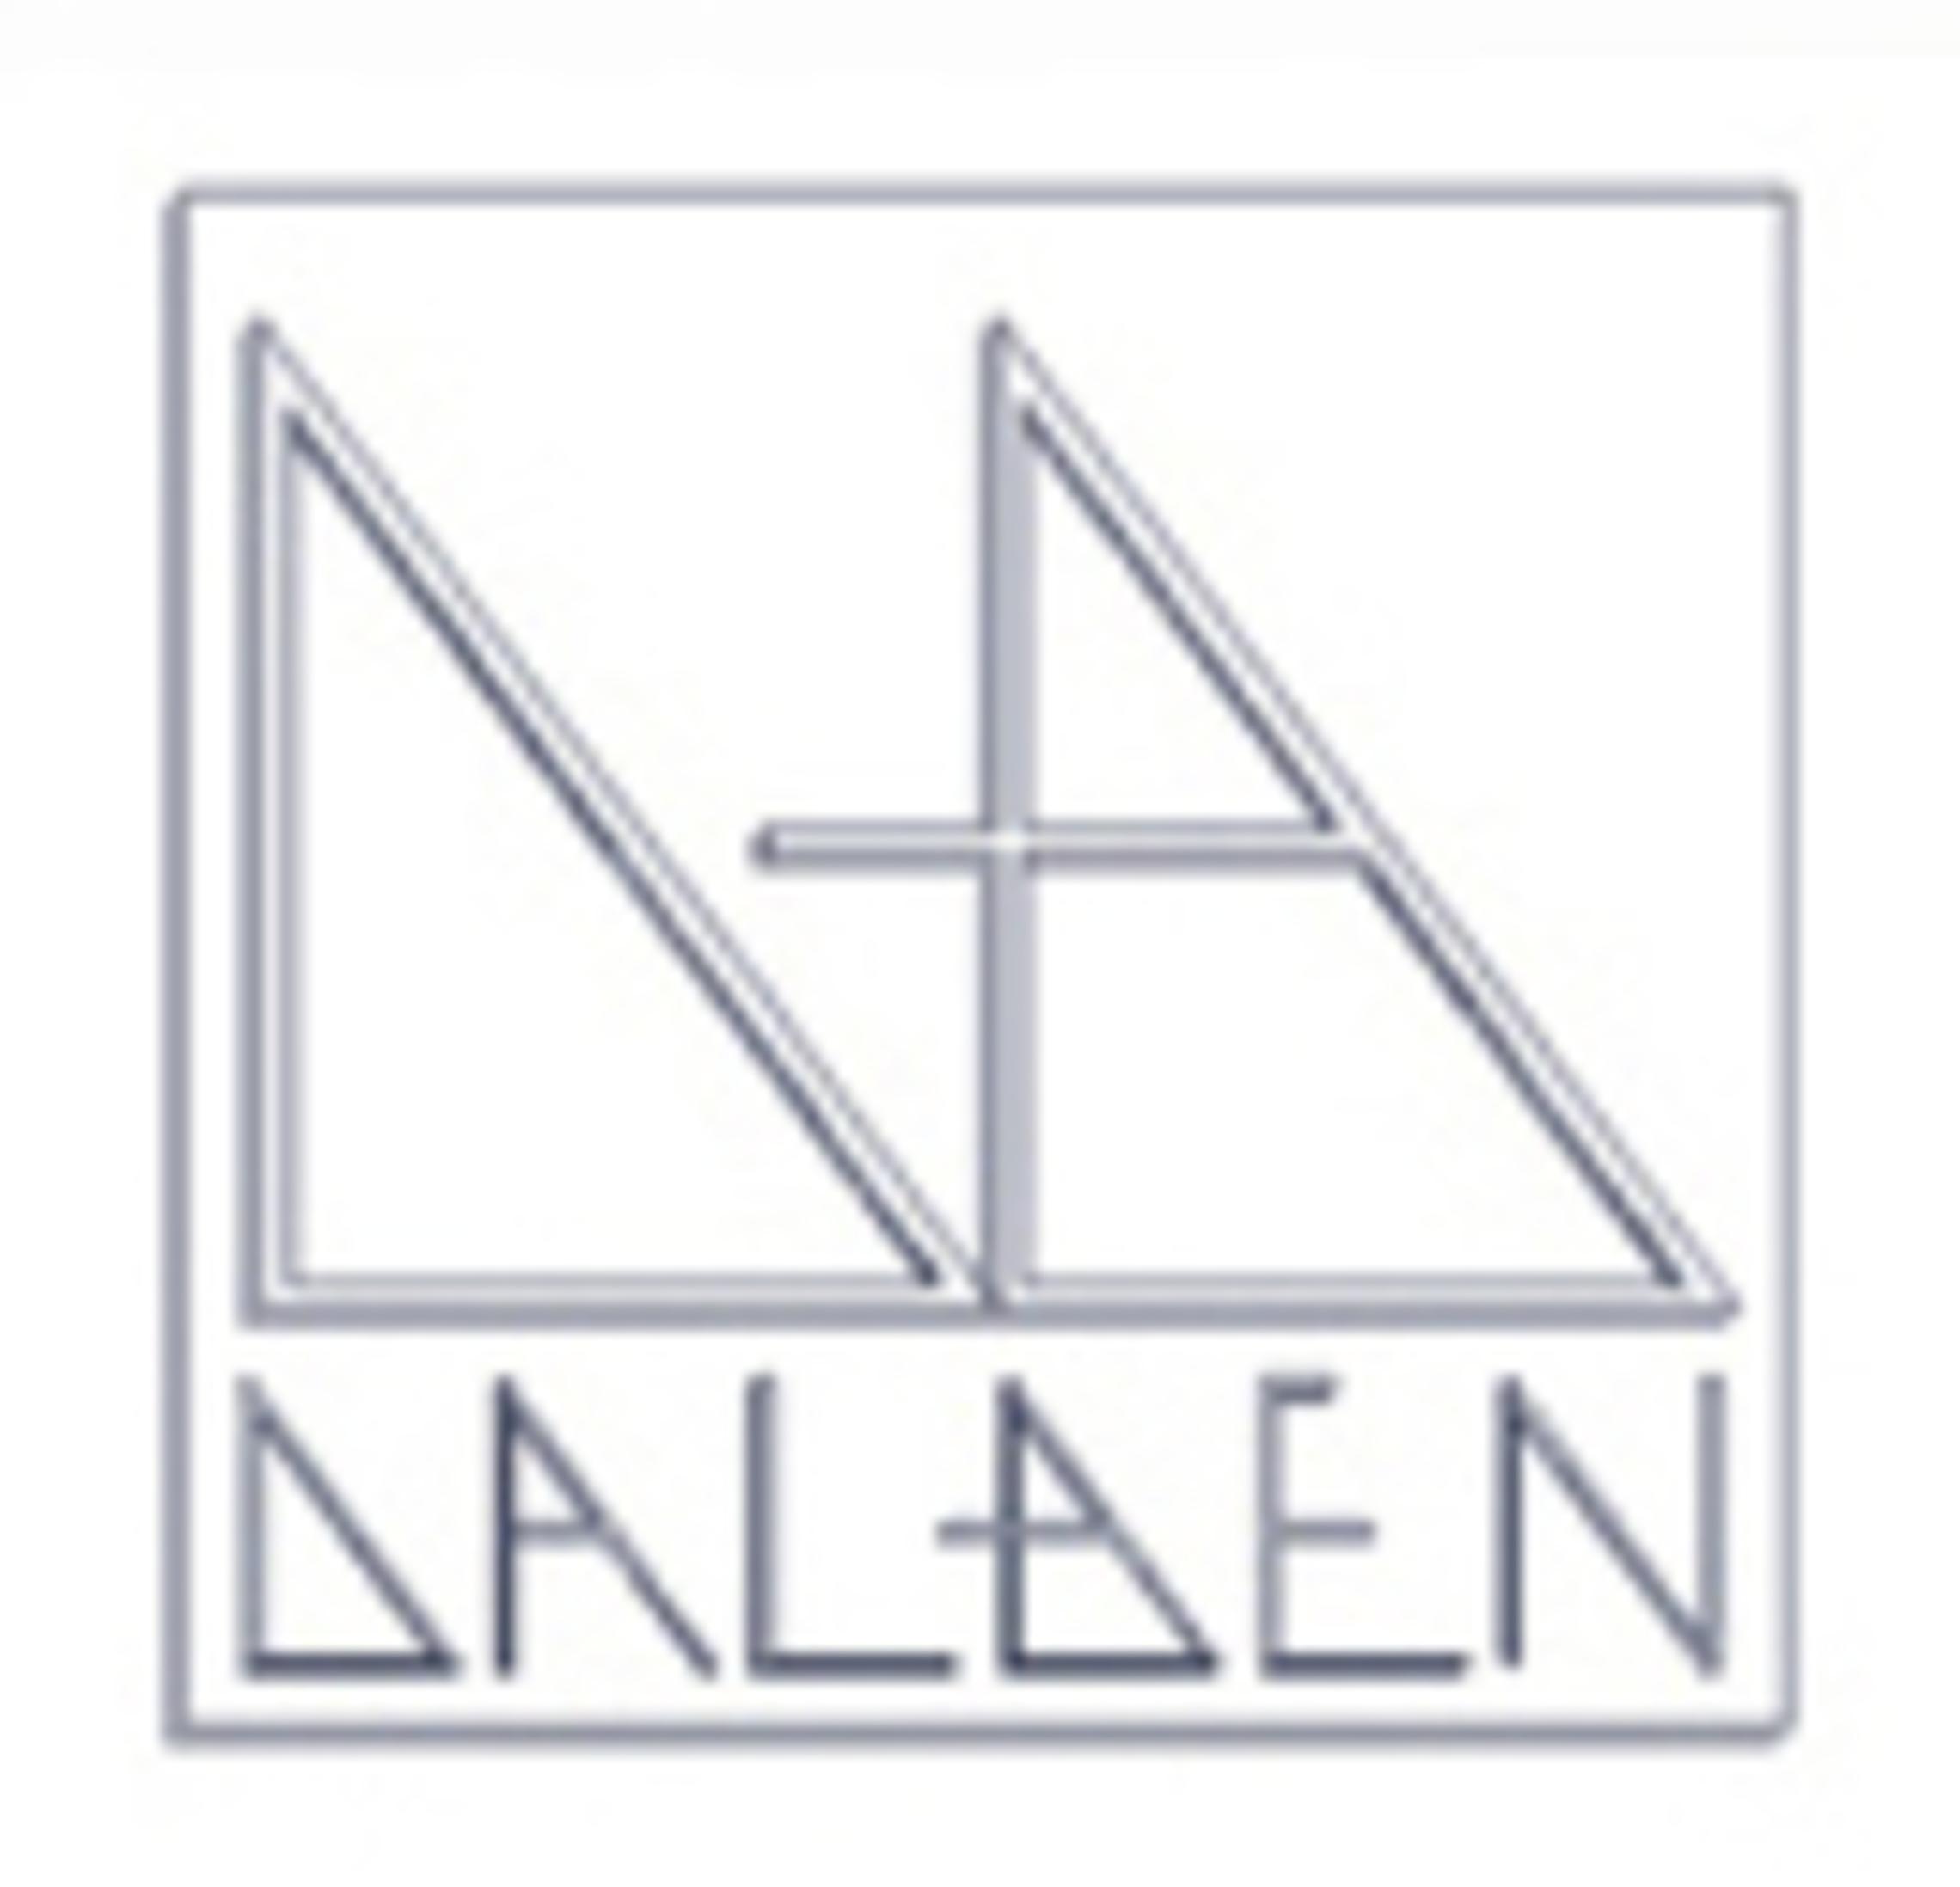 gioielli dalben- company logo